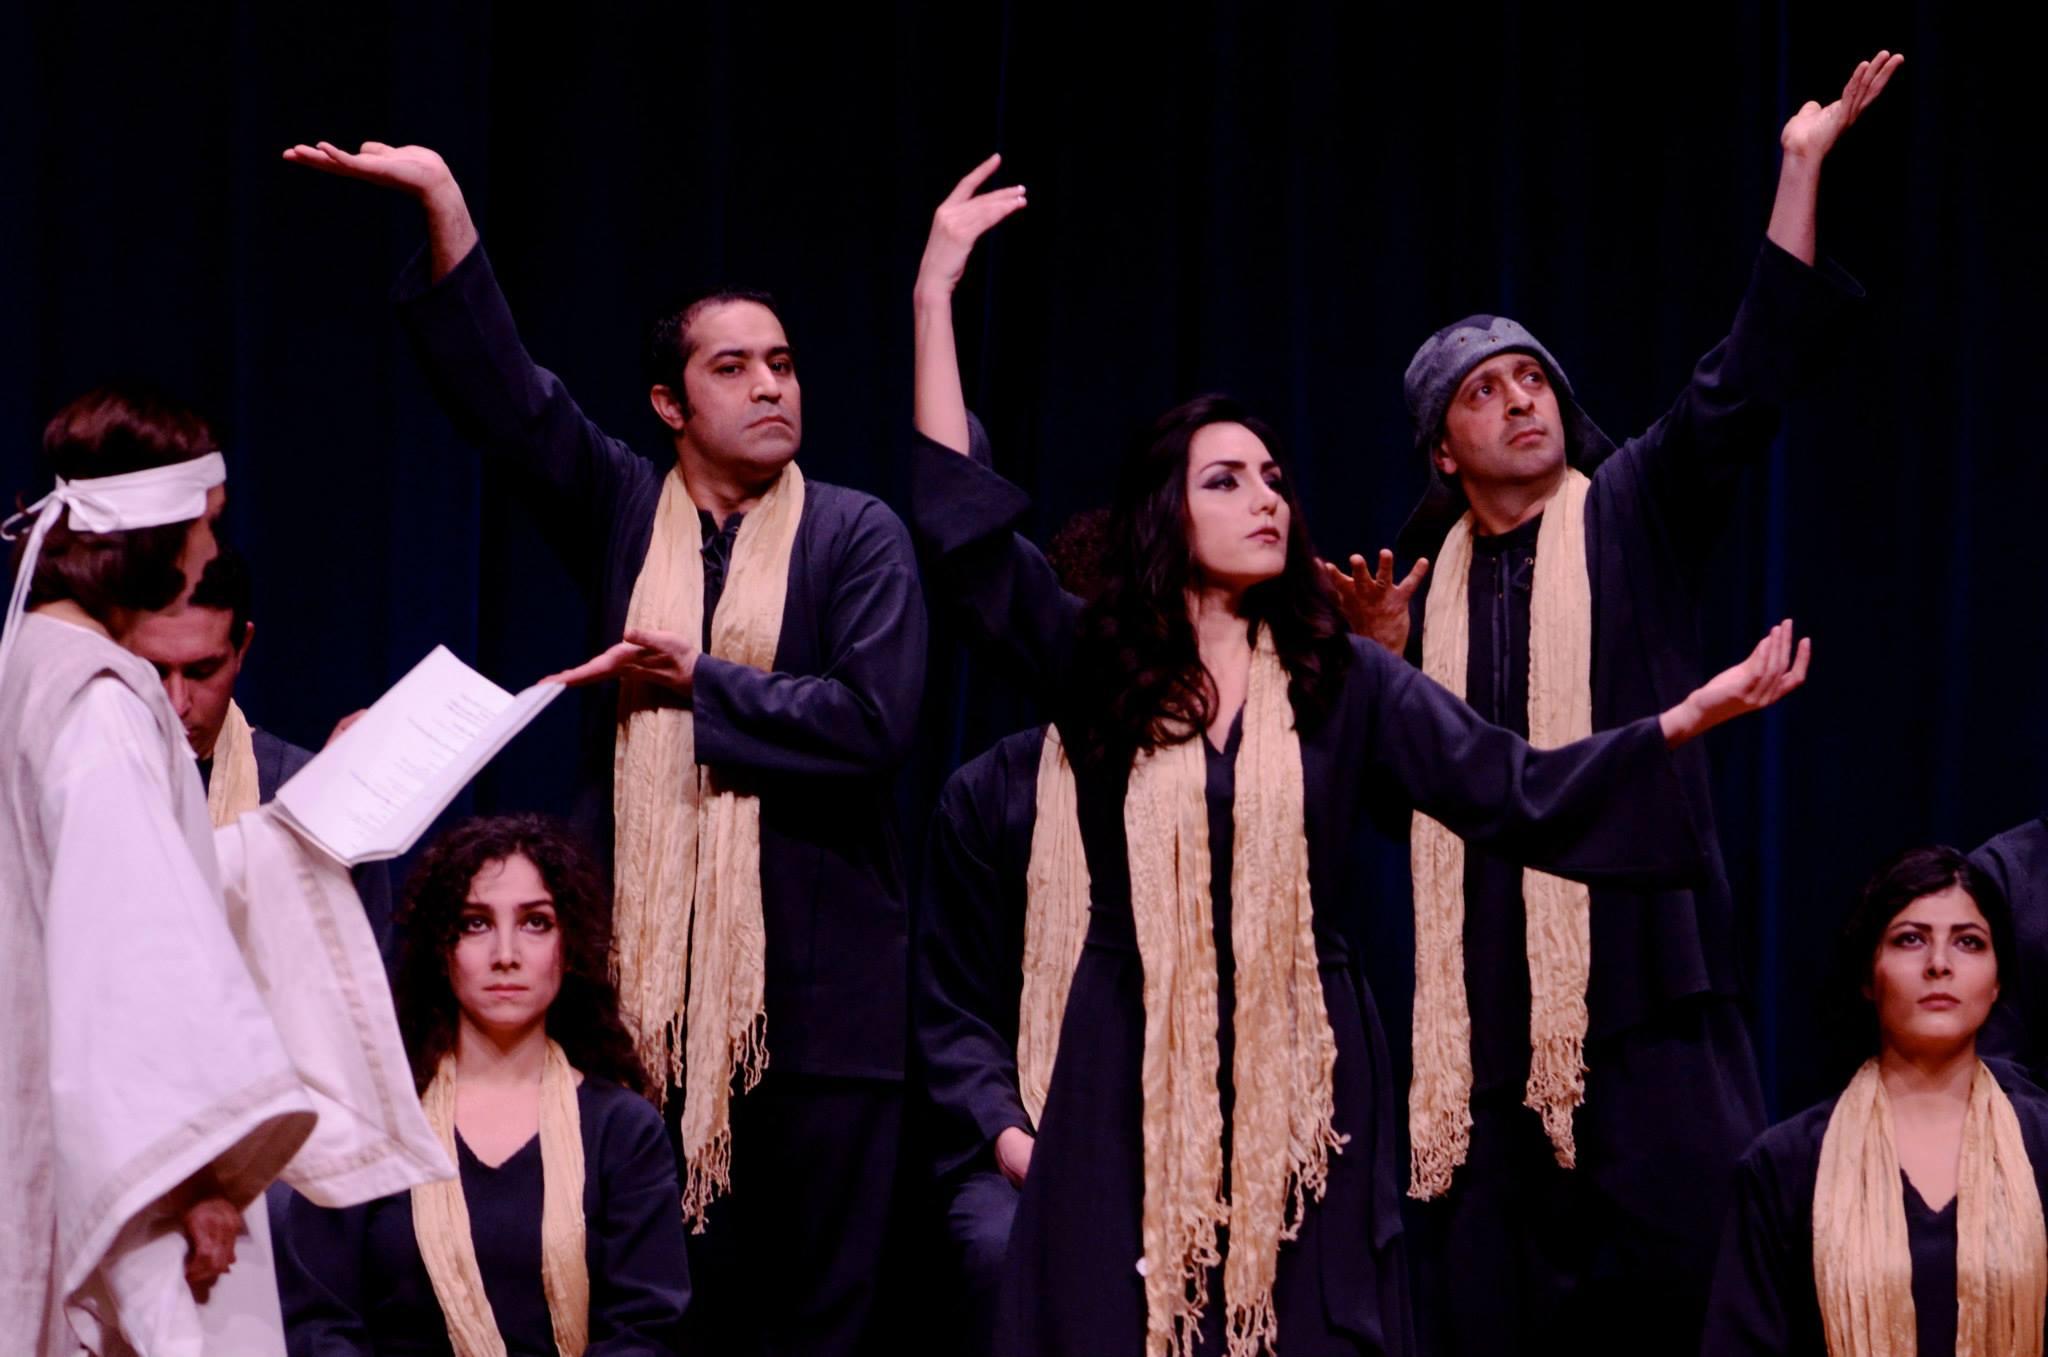 درنگی بر تئاتر ایرانیان مهاجر (کانادا- امریکا)